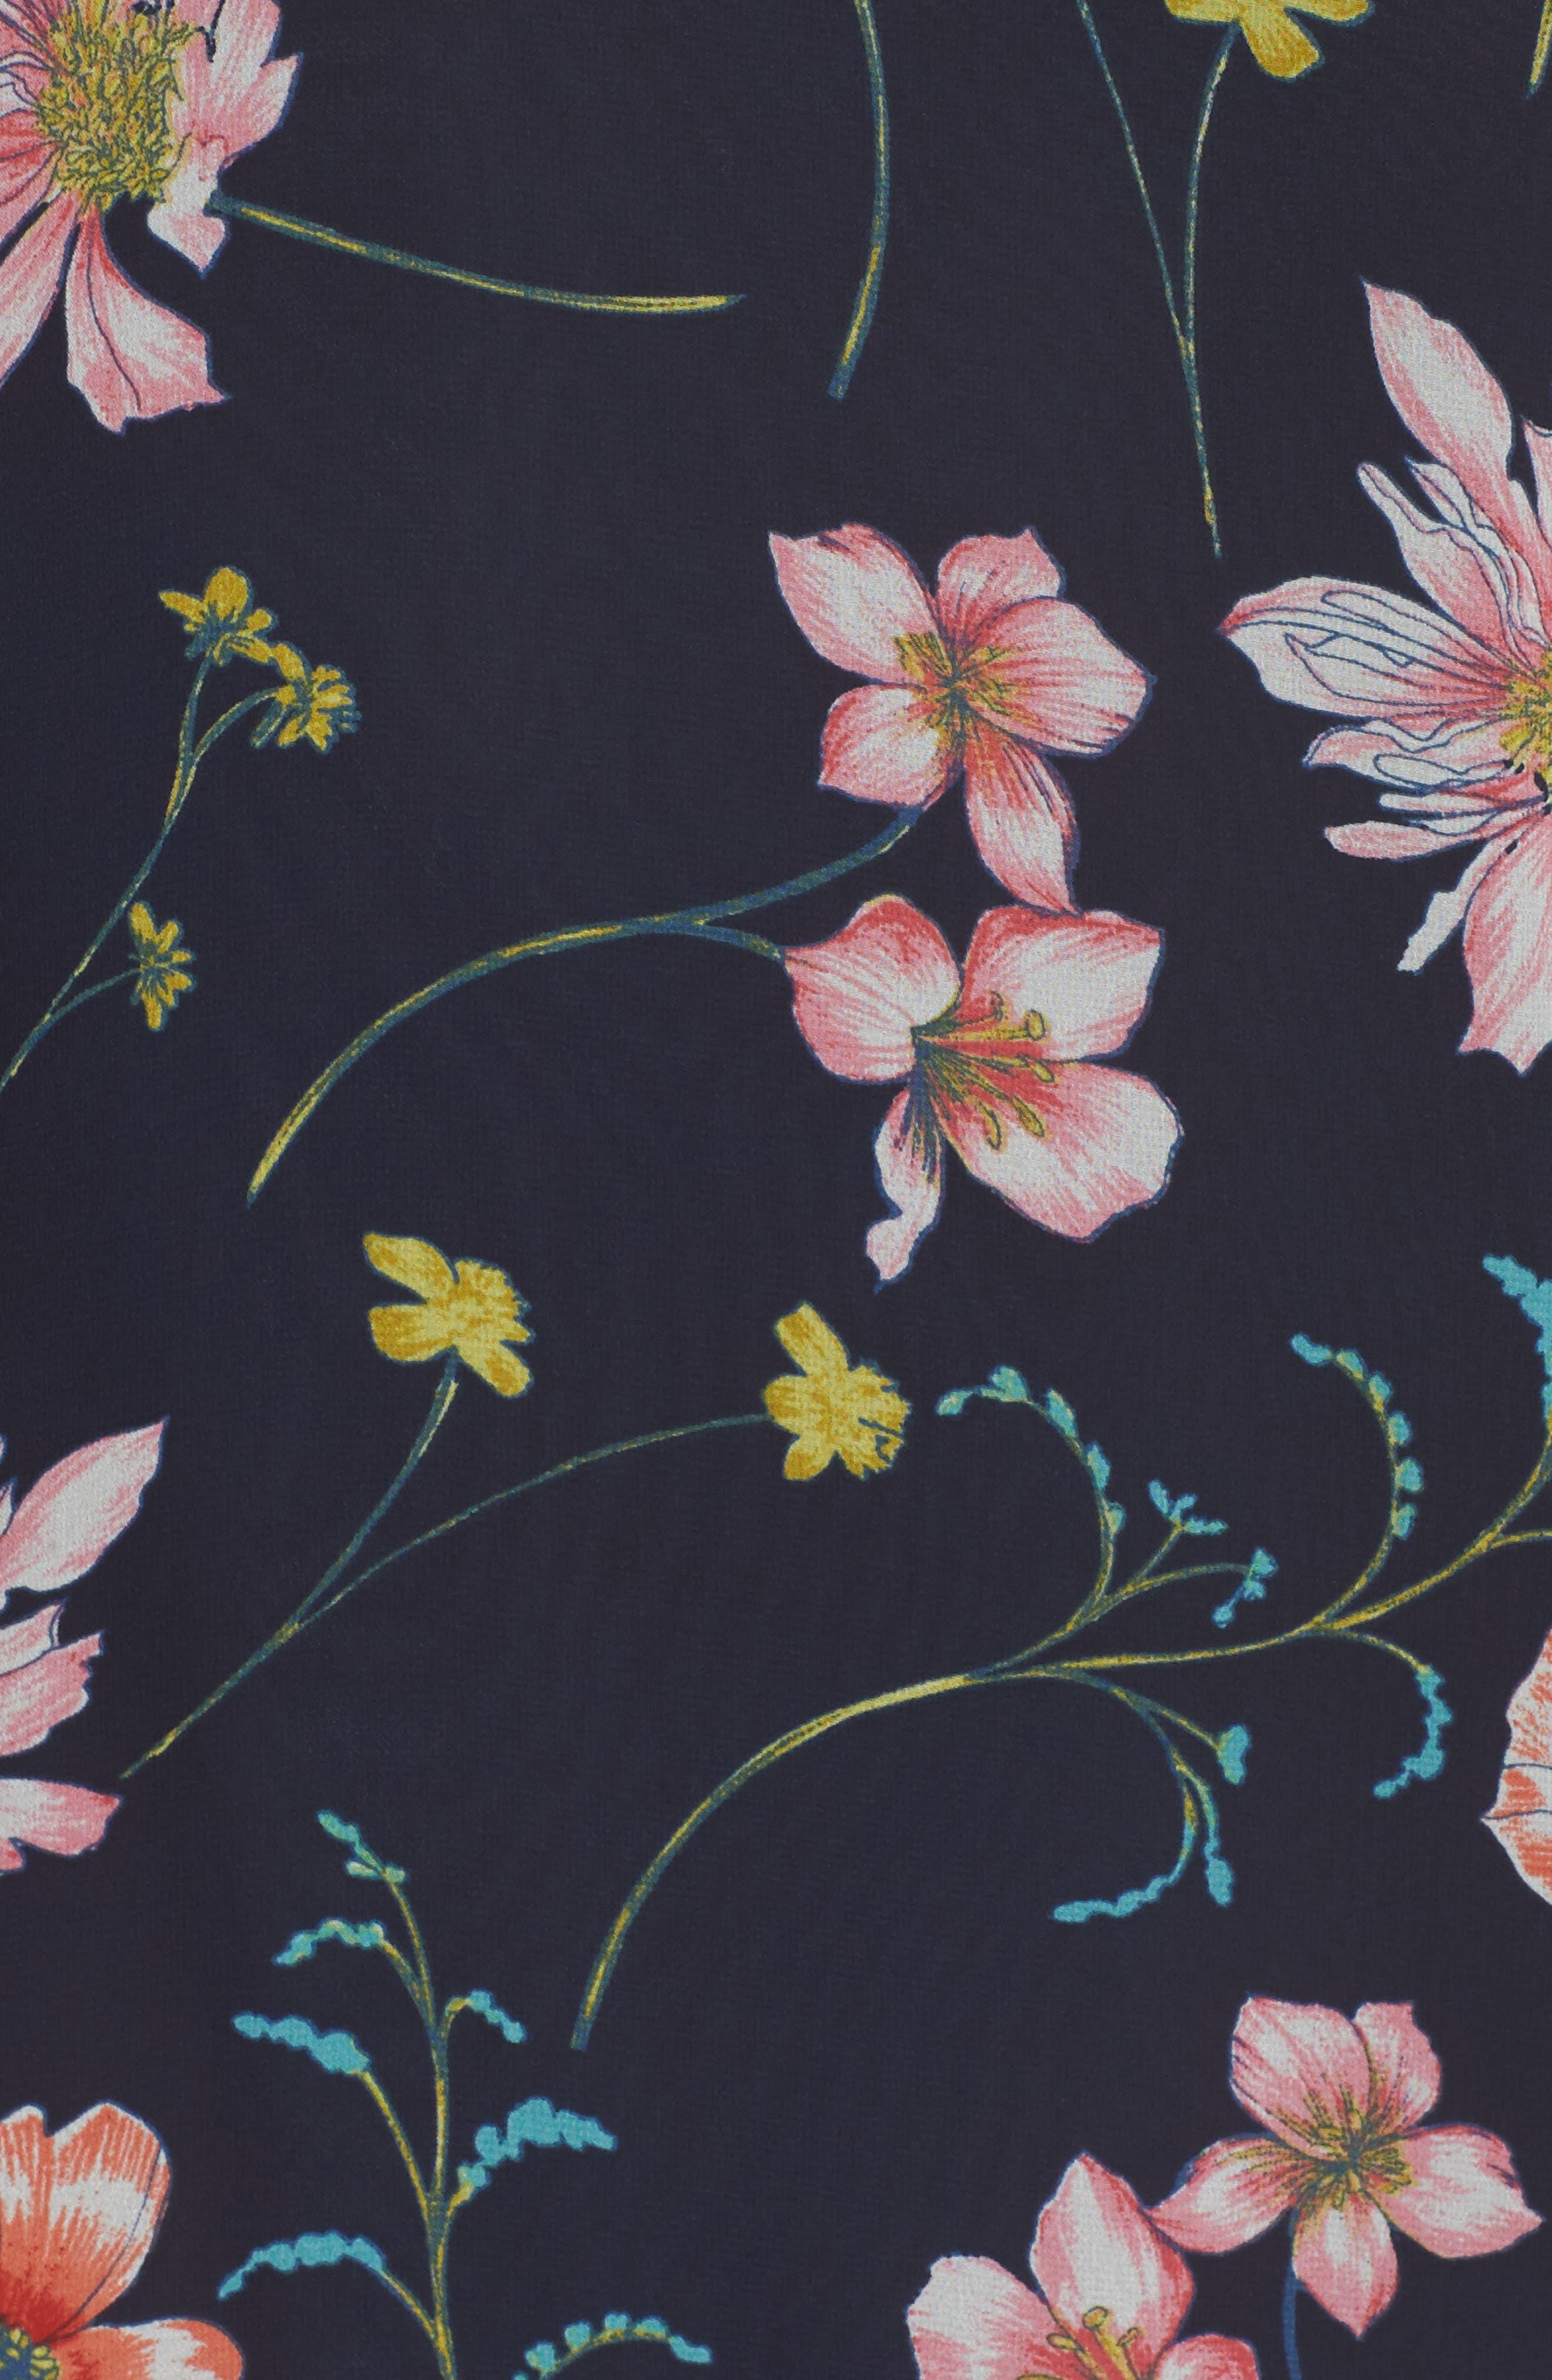 Bell Sleeve Dress,                             Alternate thumbnail 5, color,                             410